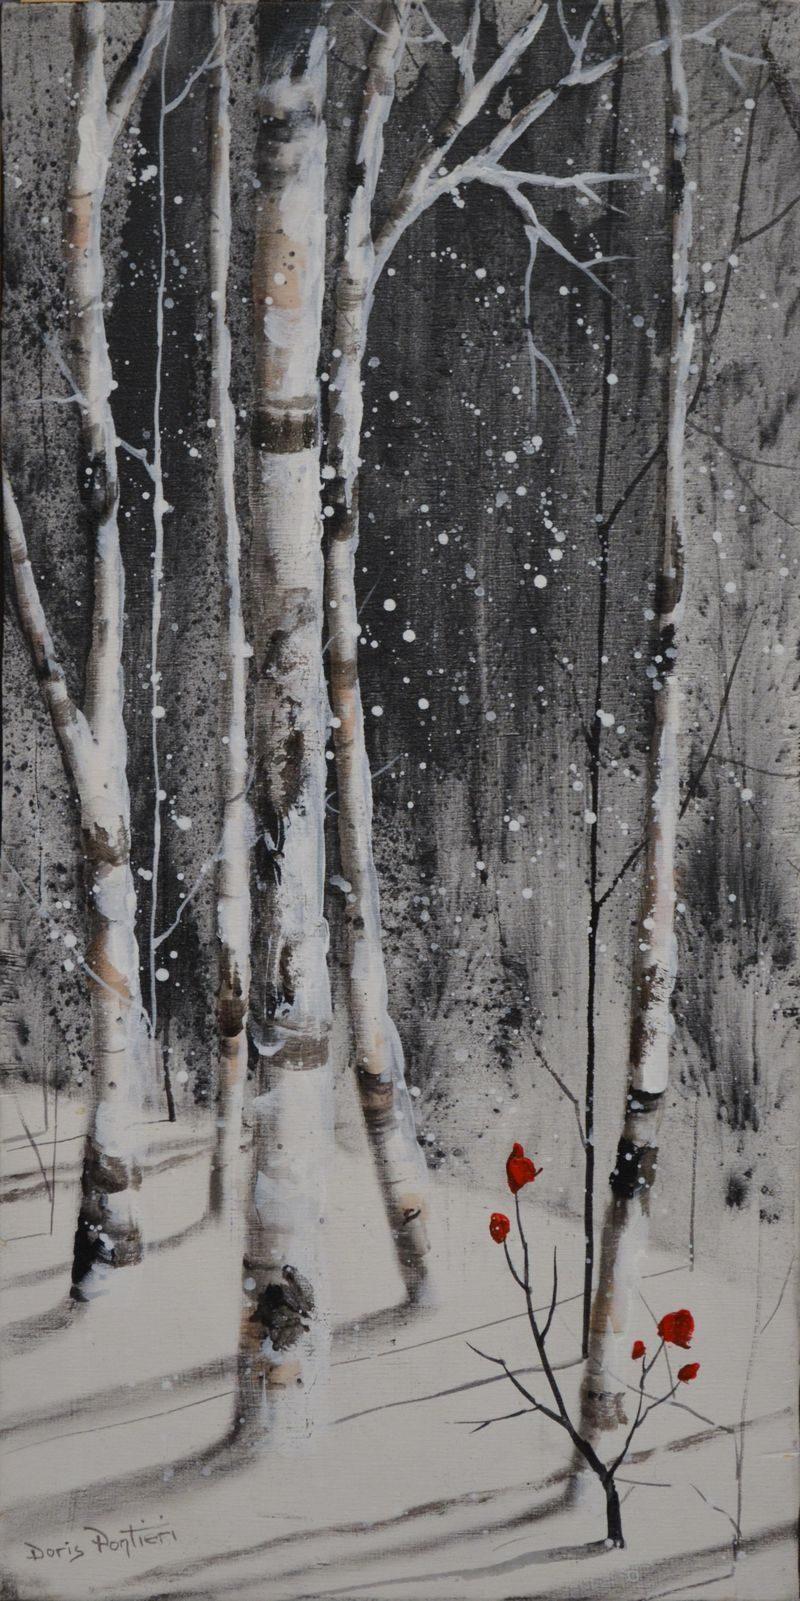 Doris Pontieri - Birches